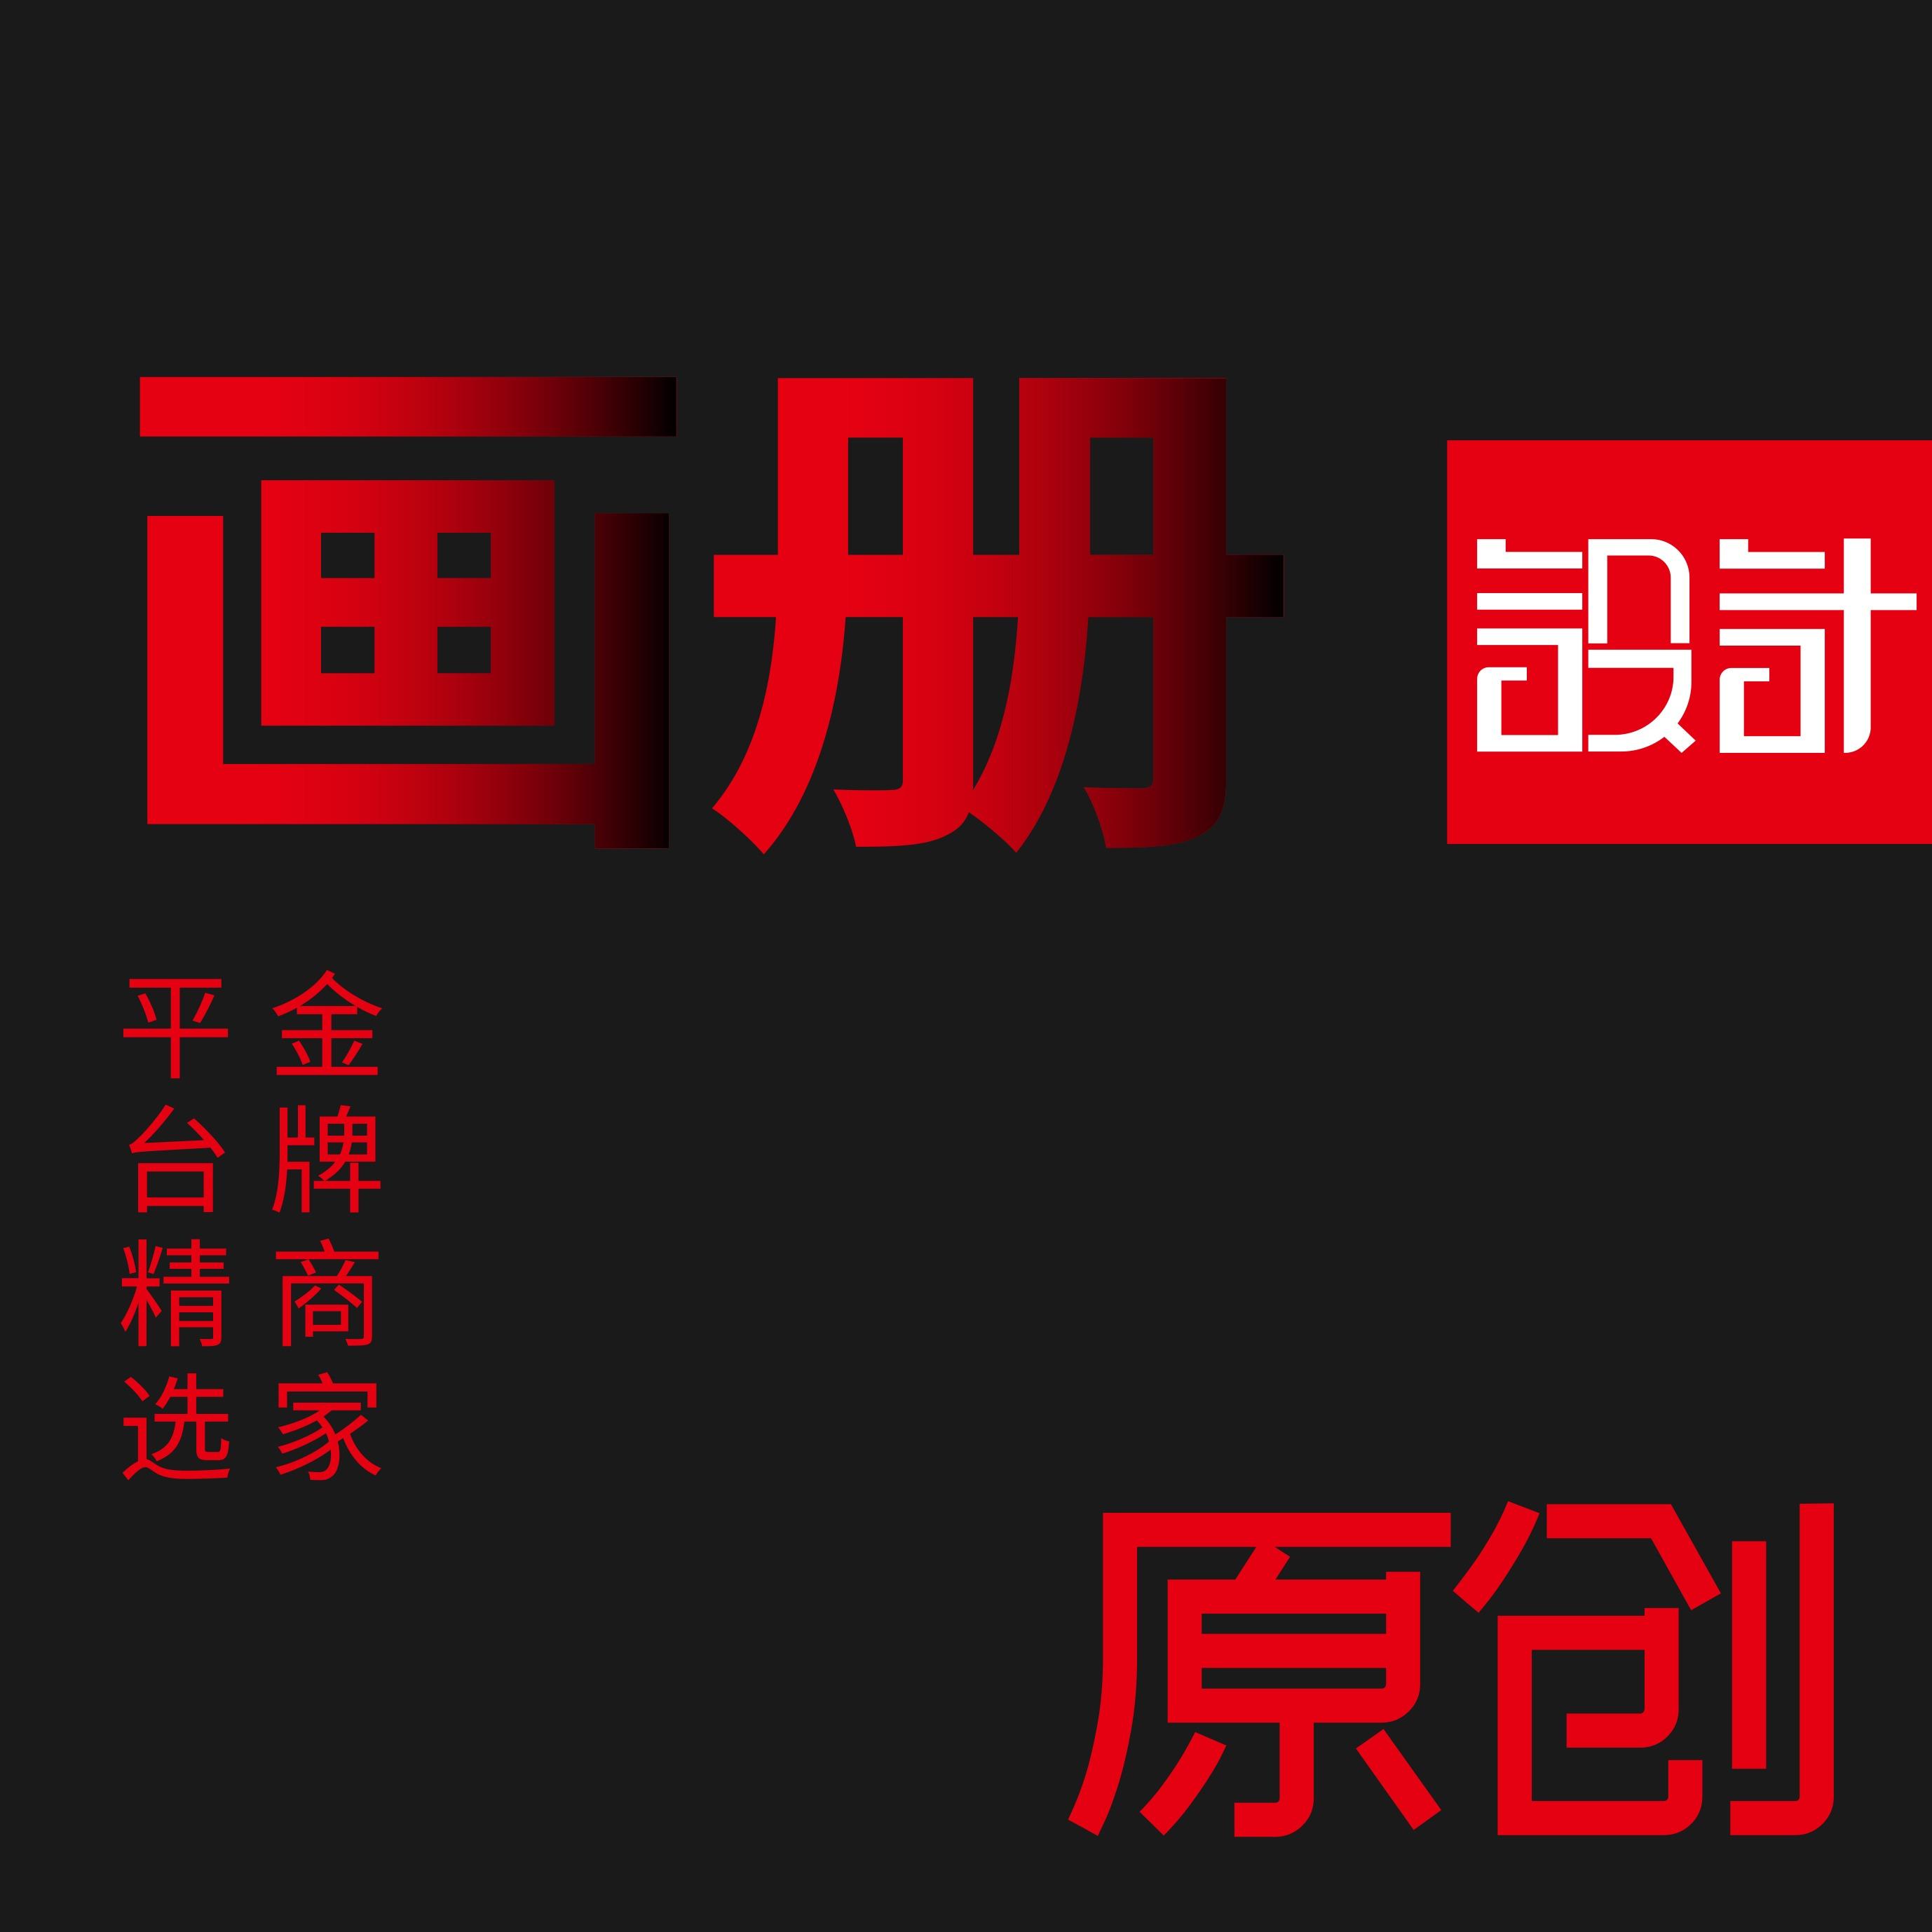 企业产品手册宣传册宣折页传单画册单页活动广告公司招聘海报设计